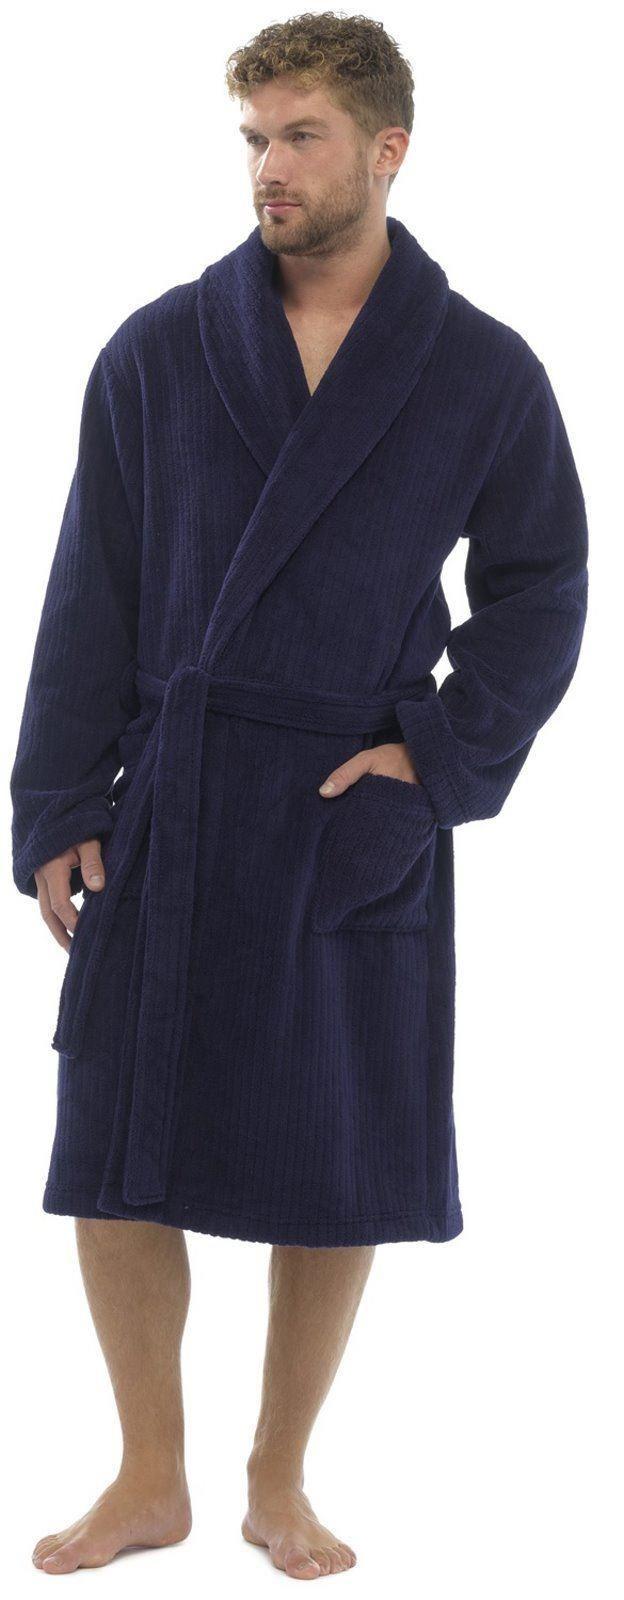 robe de chambre homme polaire peignoir super doux m l xl ebay. Black Bedroom Furniture Sets. Home Design Ideas